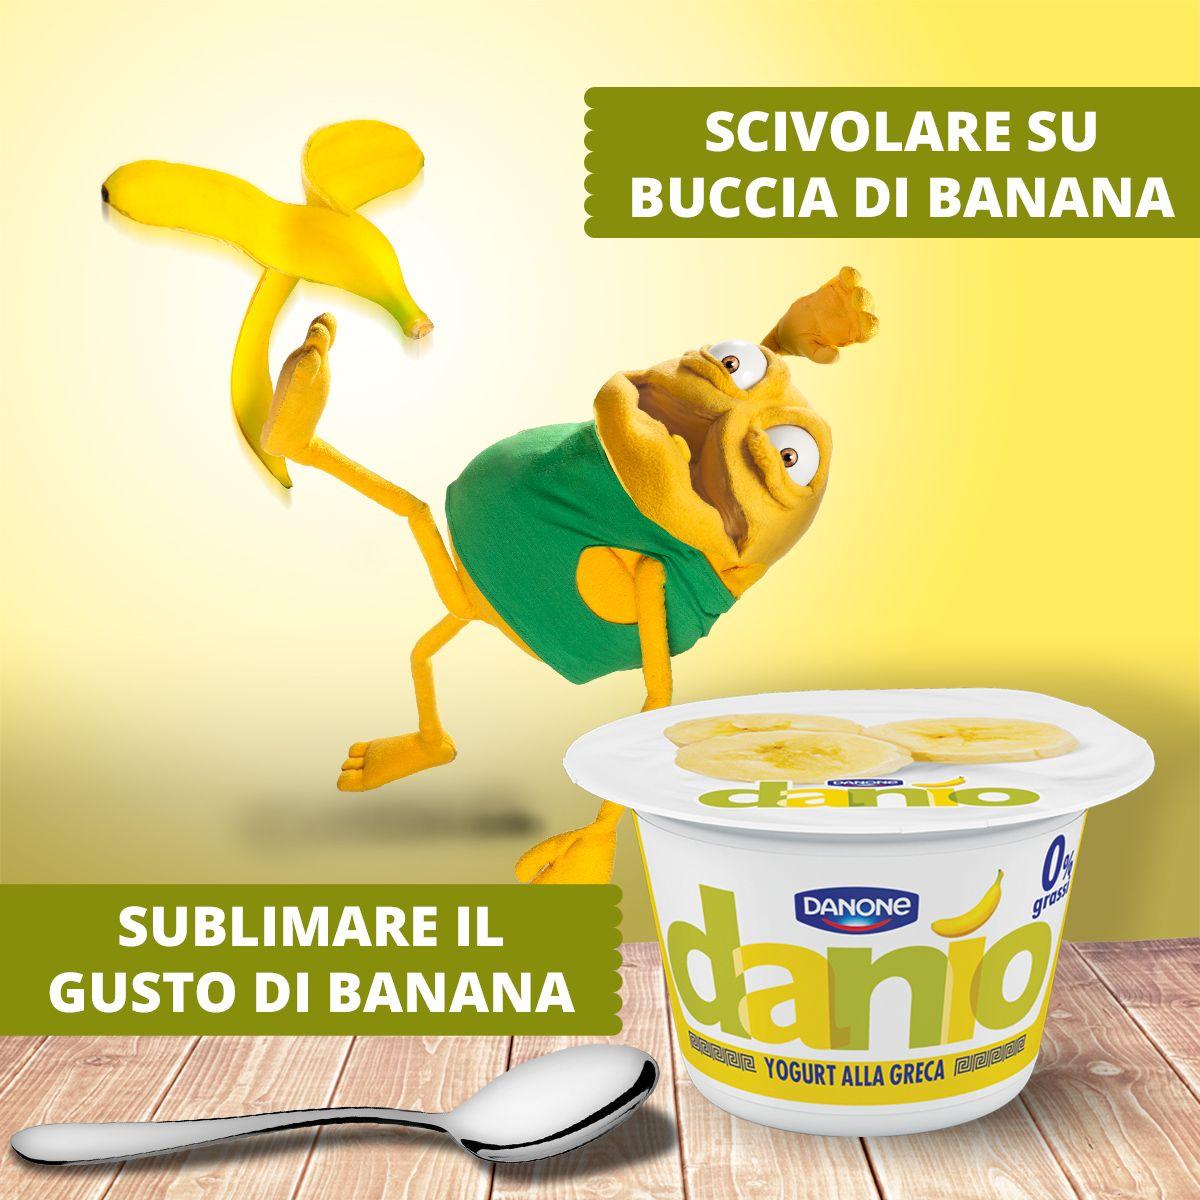 Nuovo Danio gusto banana? Tranquilli, io non ci casco…